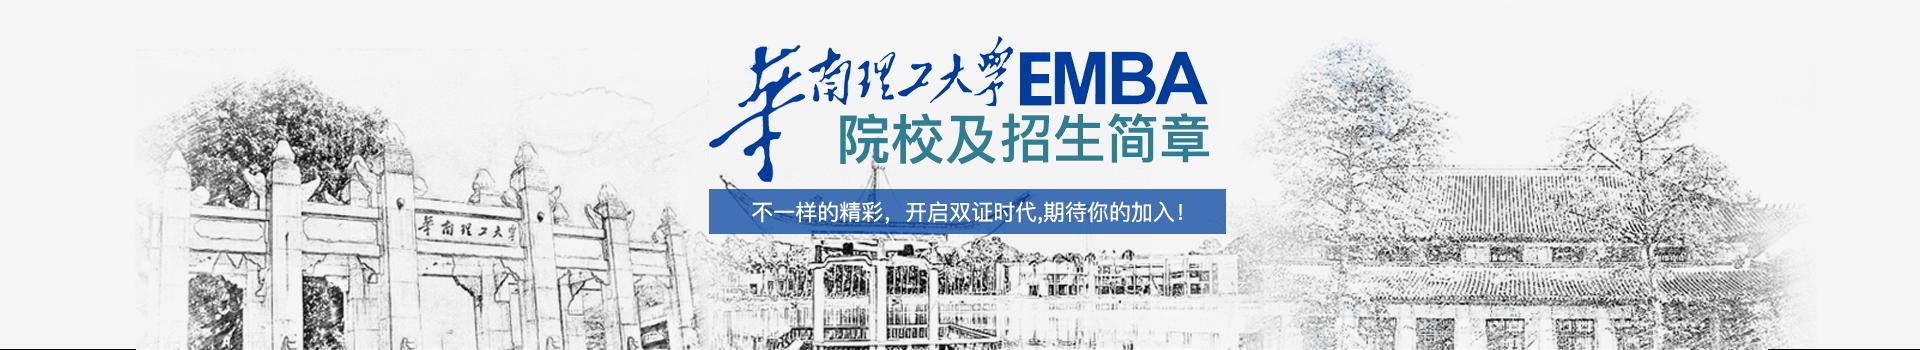 华南理工大学工商管理学院高级工商管理硕士EMBA招生简章